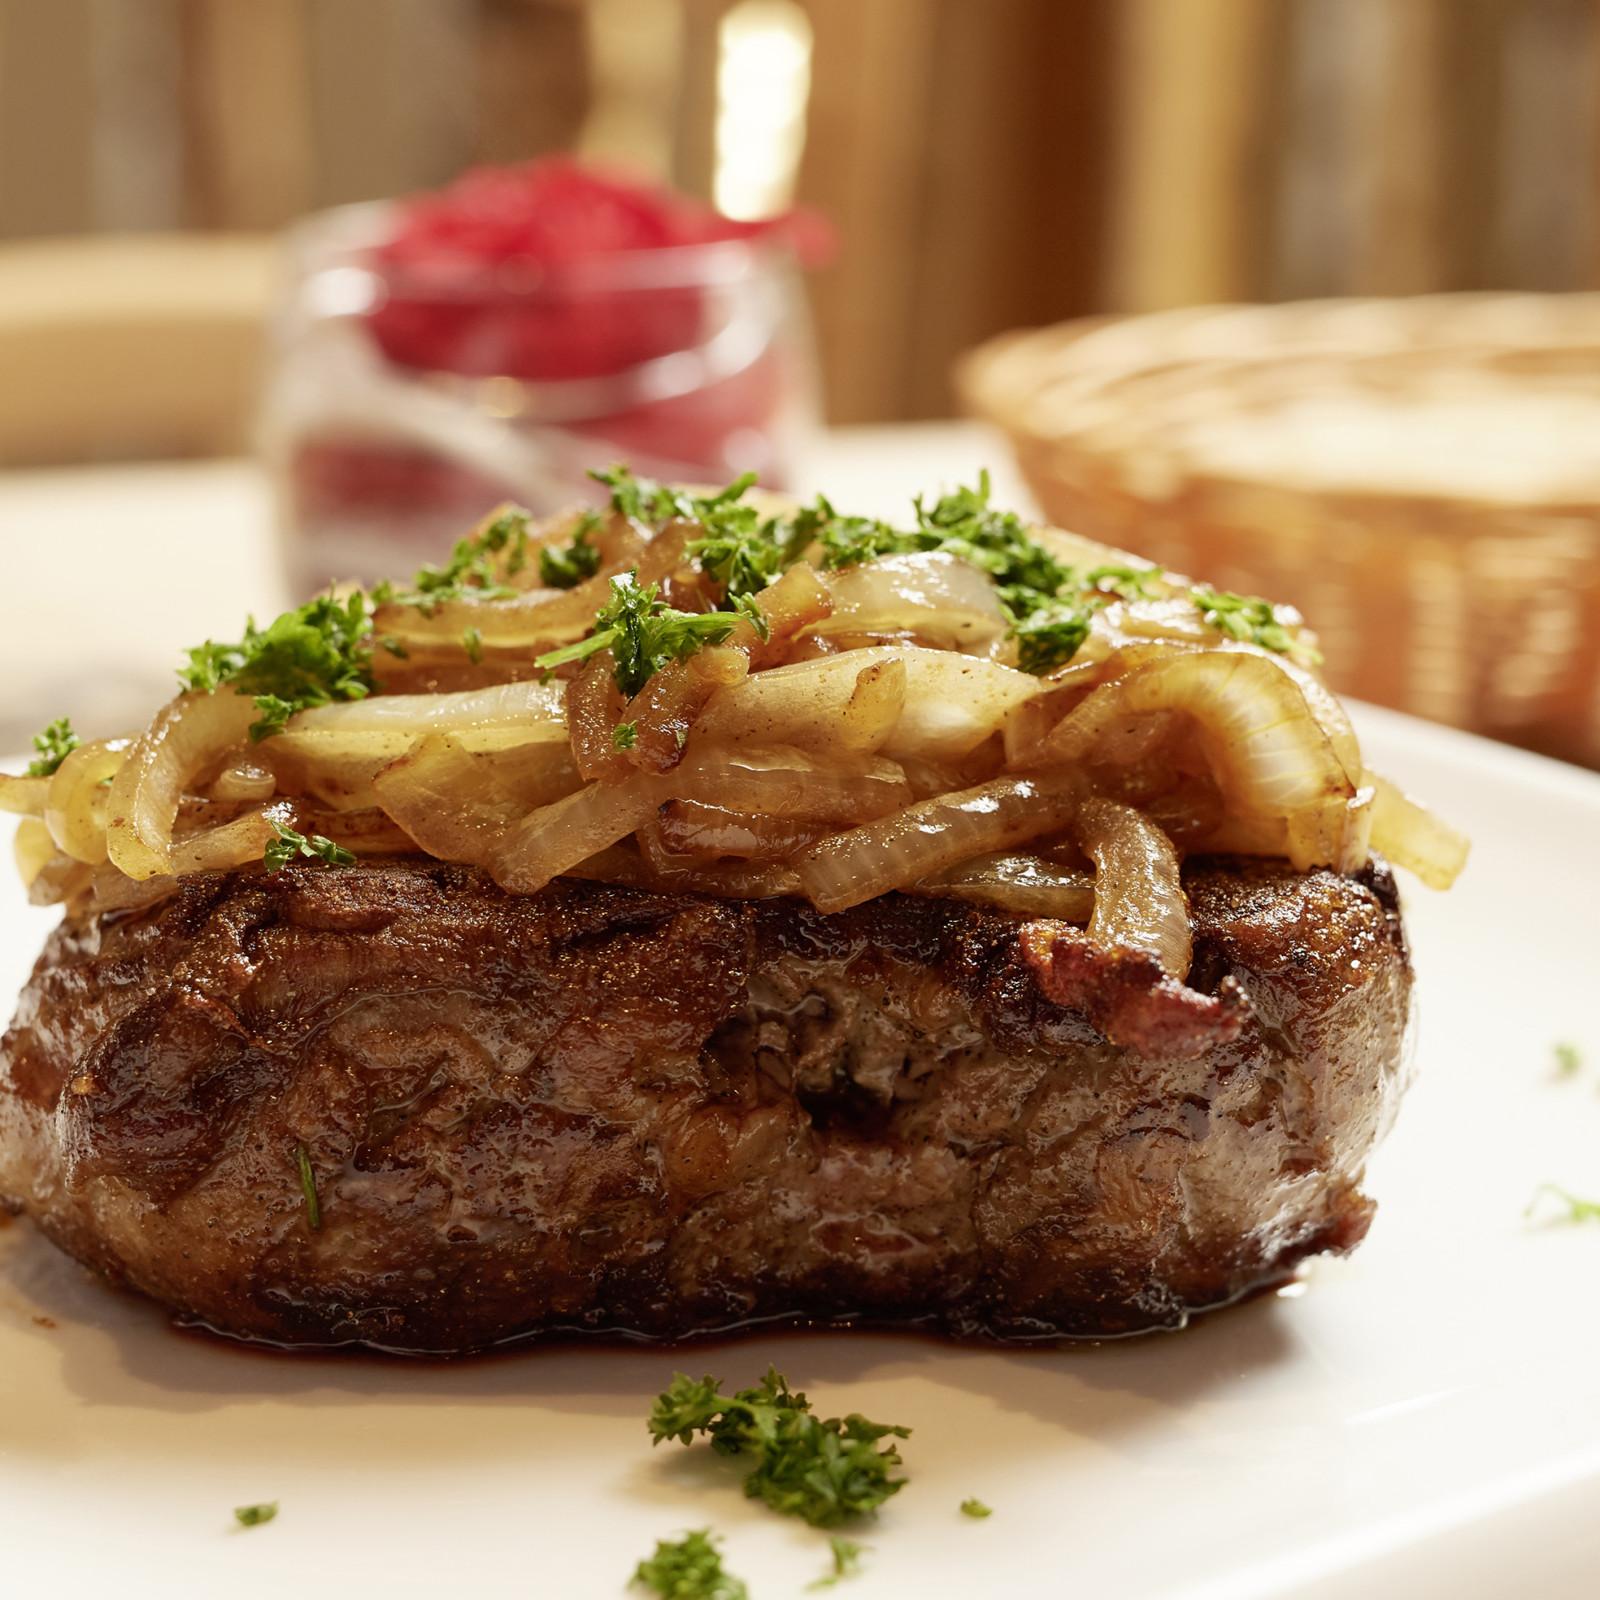 Hannes Welschneudorf Steak 3